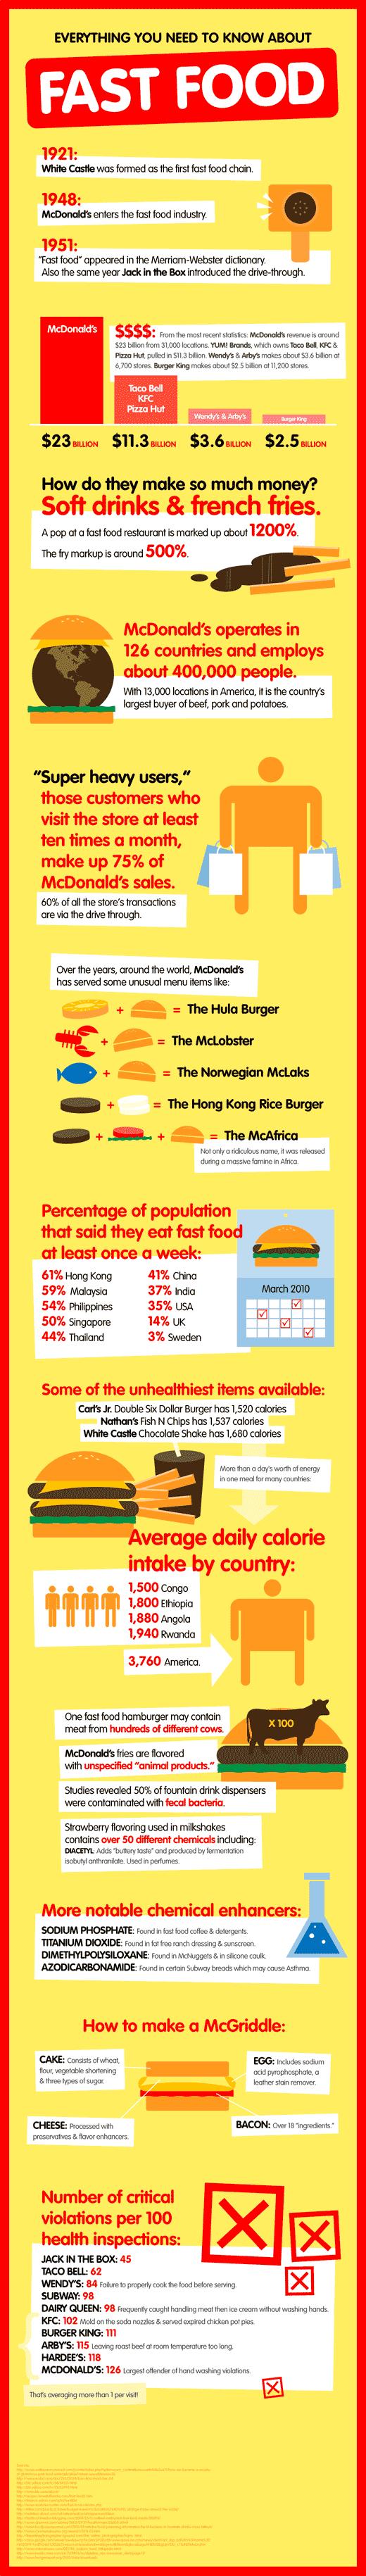 fastfood-image-chart